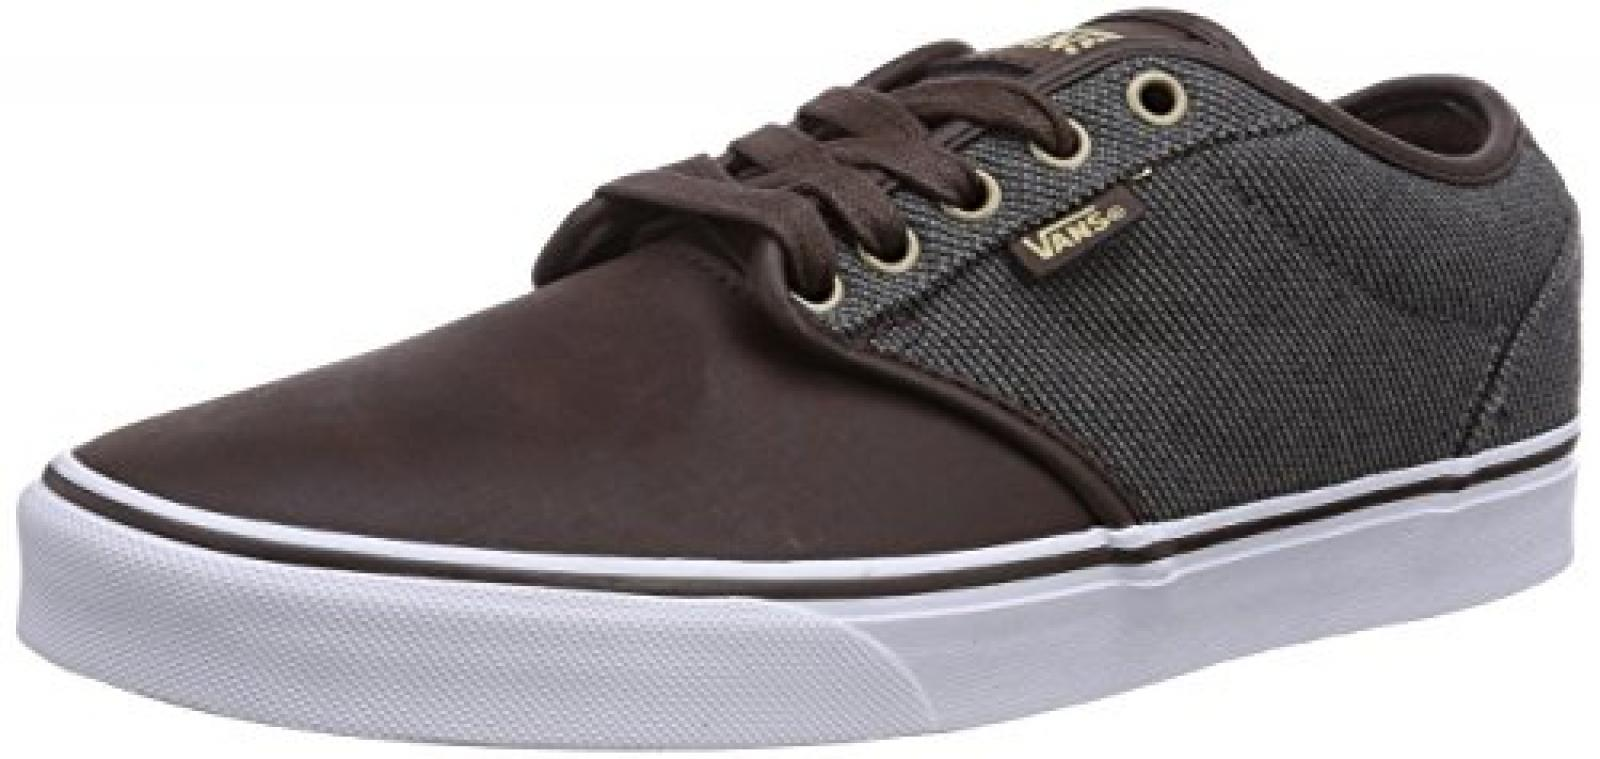 Vans M ATWOOD DELUXE MIX MATERIAL Herren Sneakers